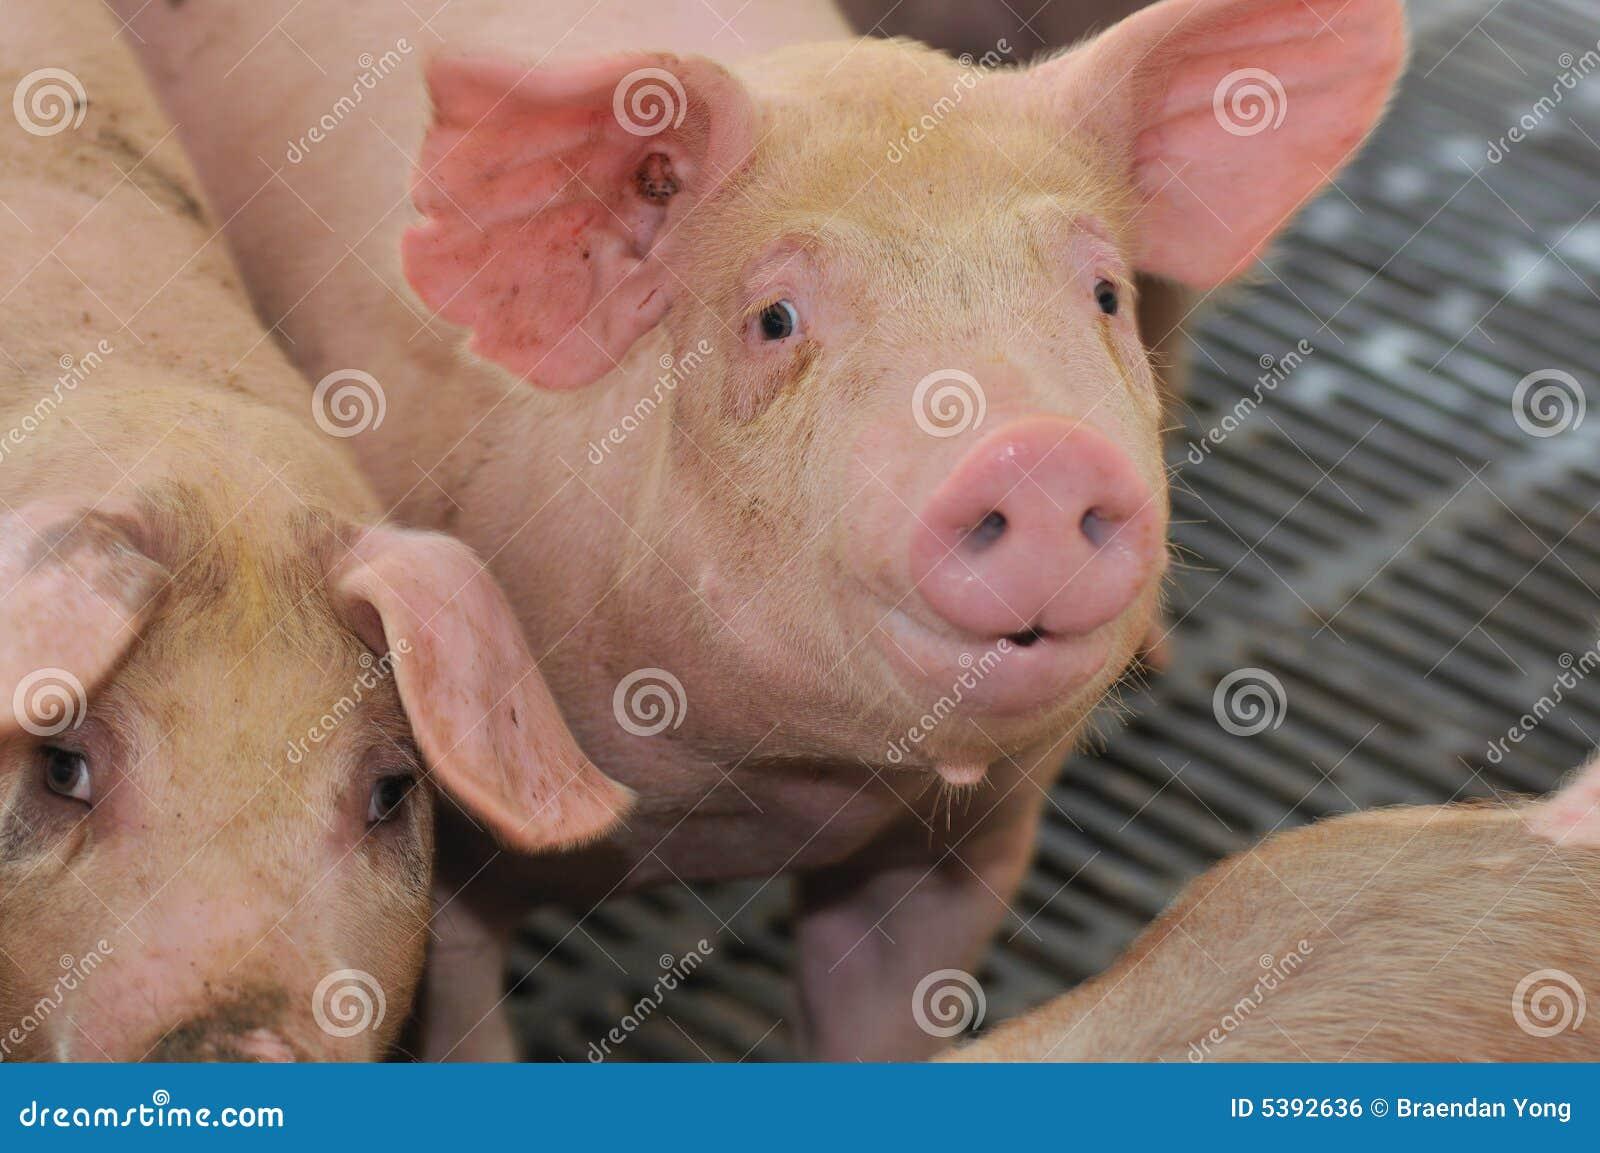 Pig Farming Series 9